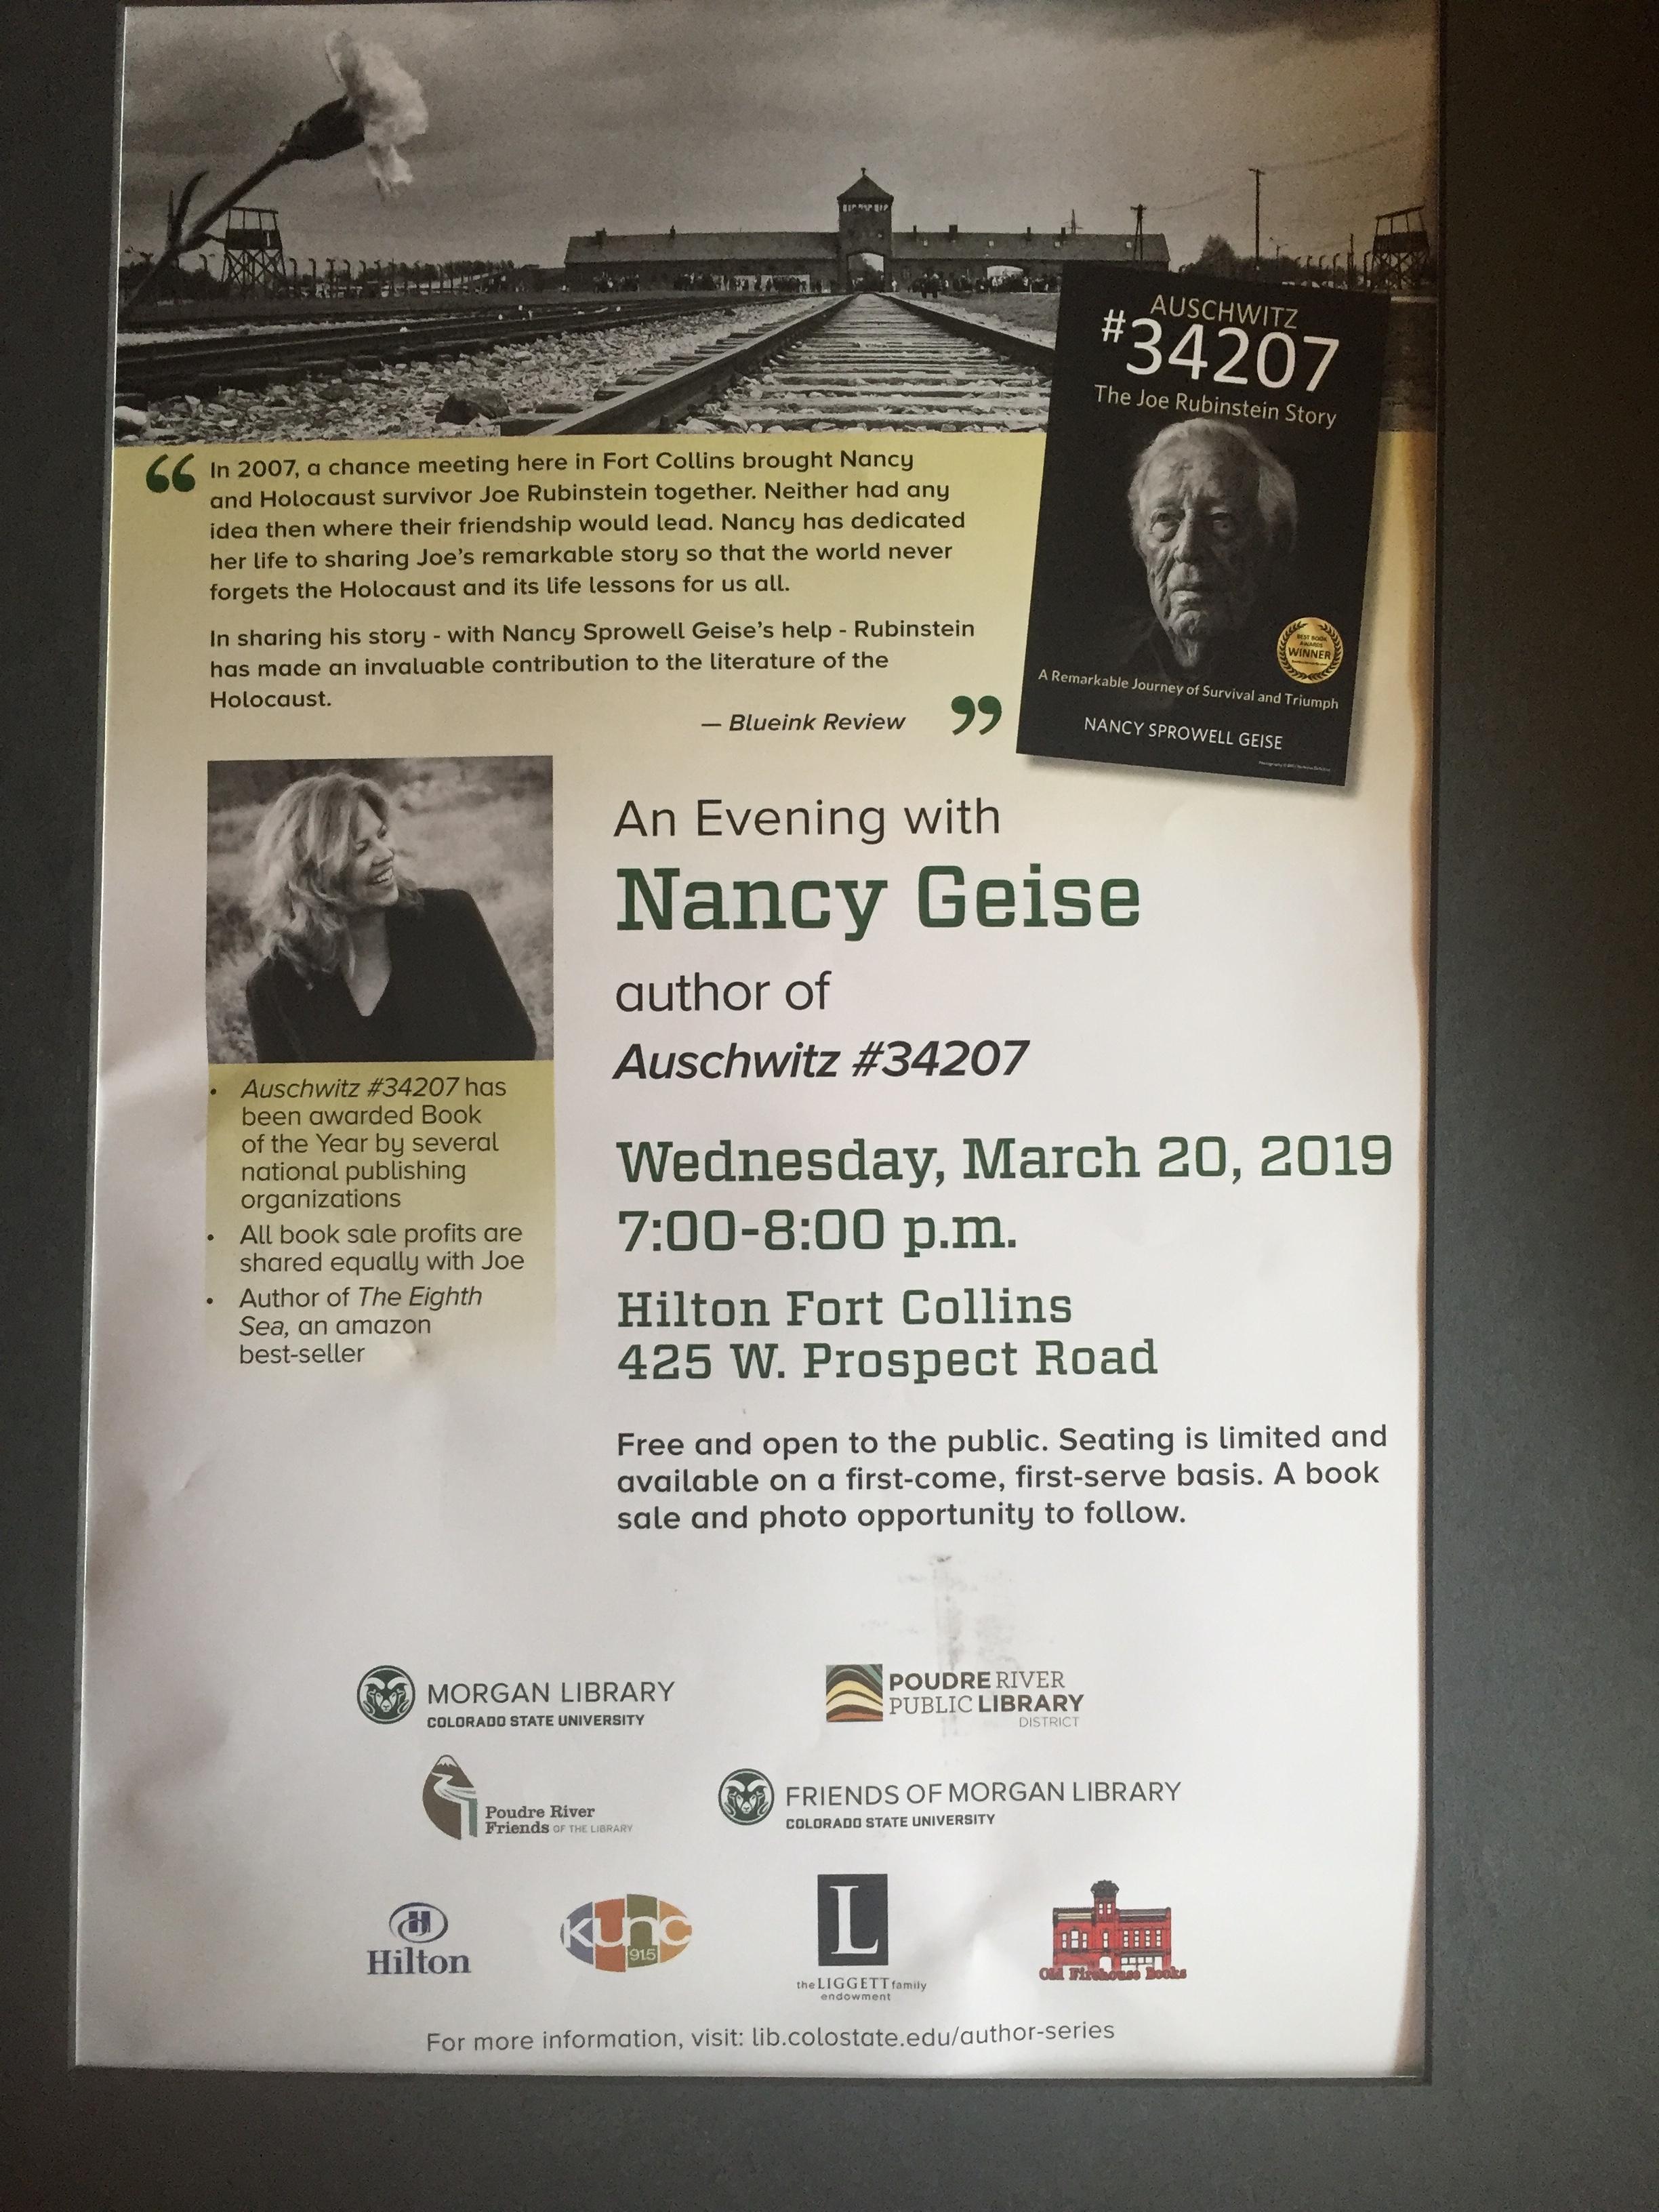 COLORADO STATE UNIVERSITY, FORT COLLINS, COLORADO   MARCH 20, 2019